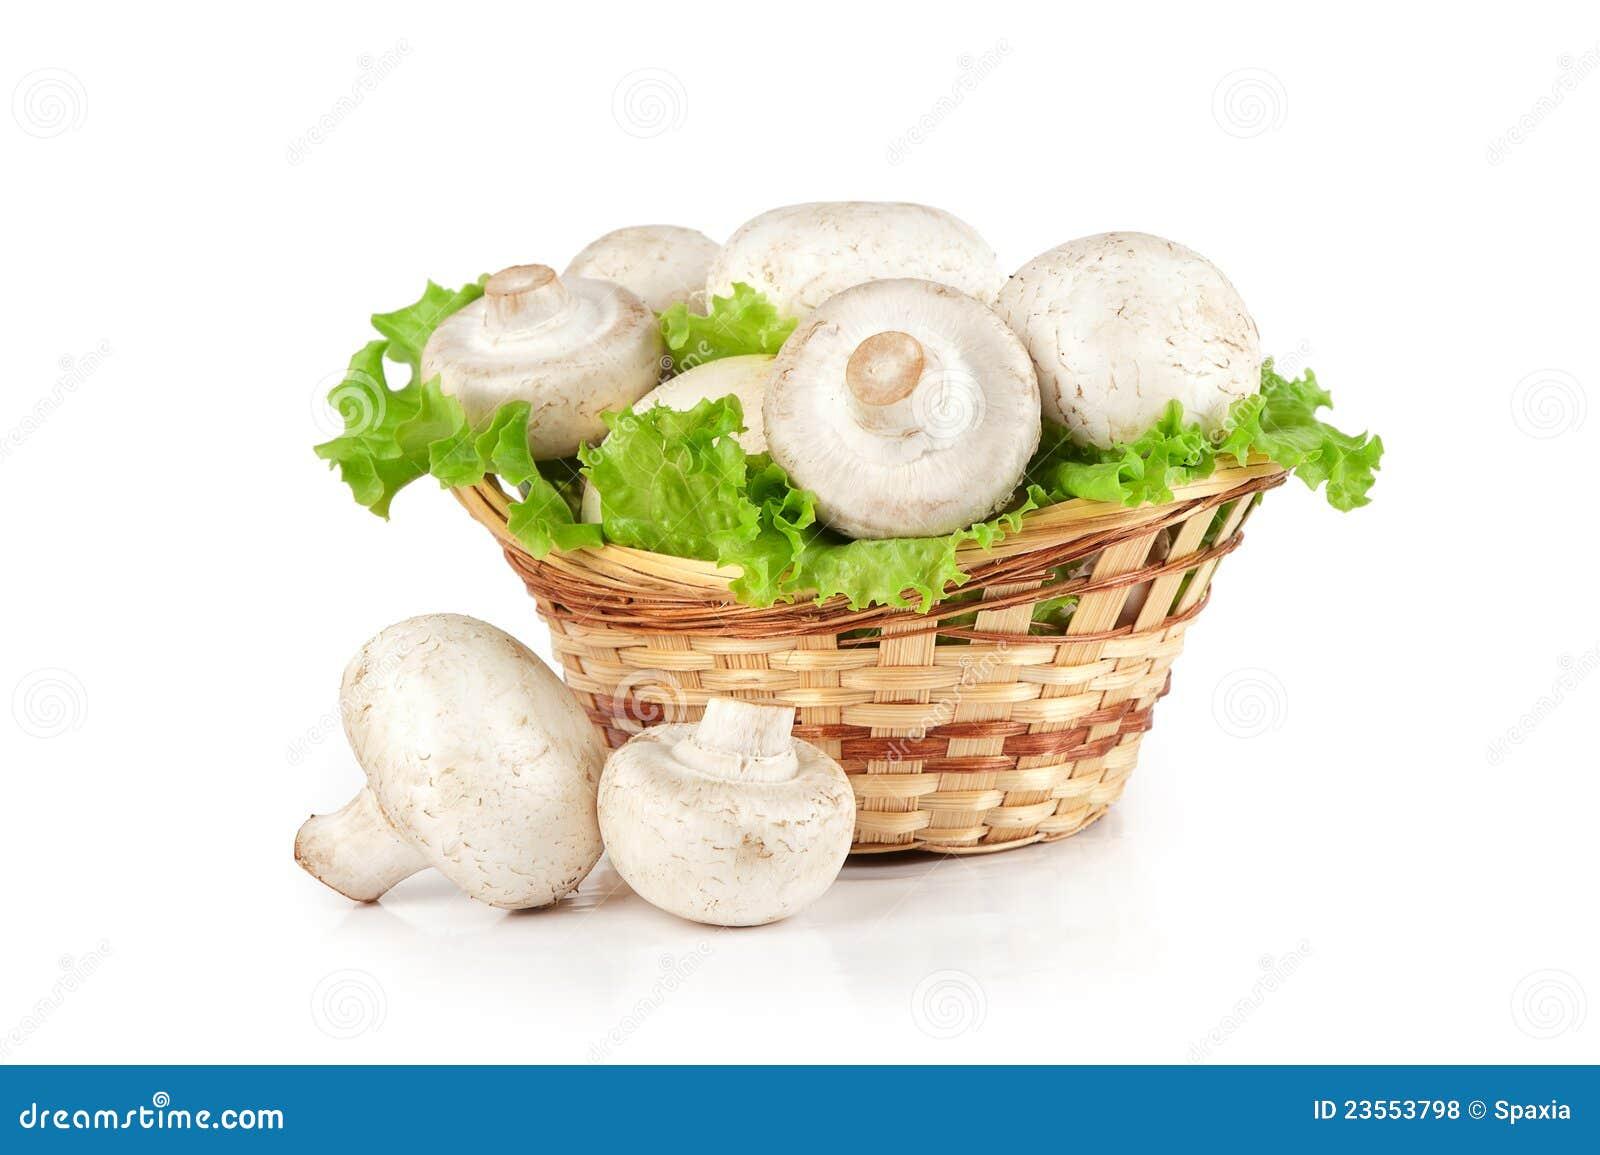 Champignon Mushroom In A Basket Stock Photo - Image of snack, champignon: 23553798